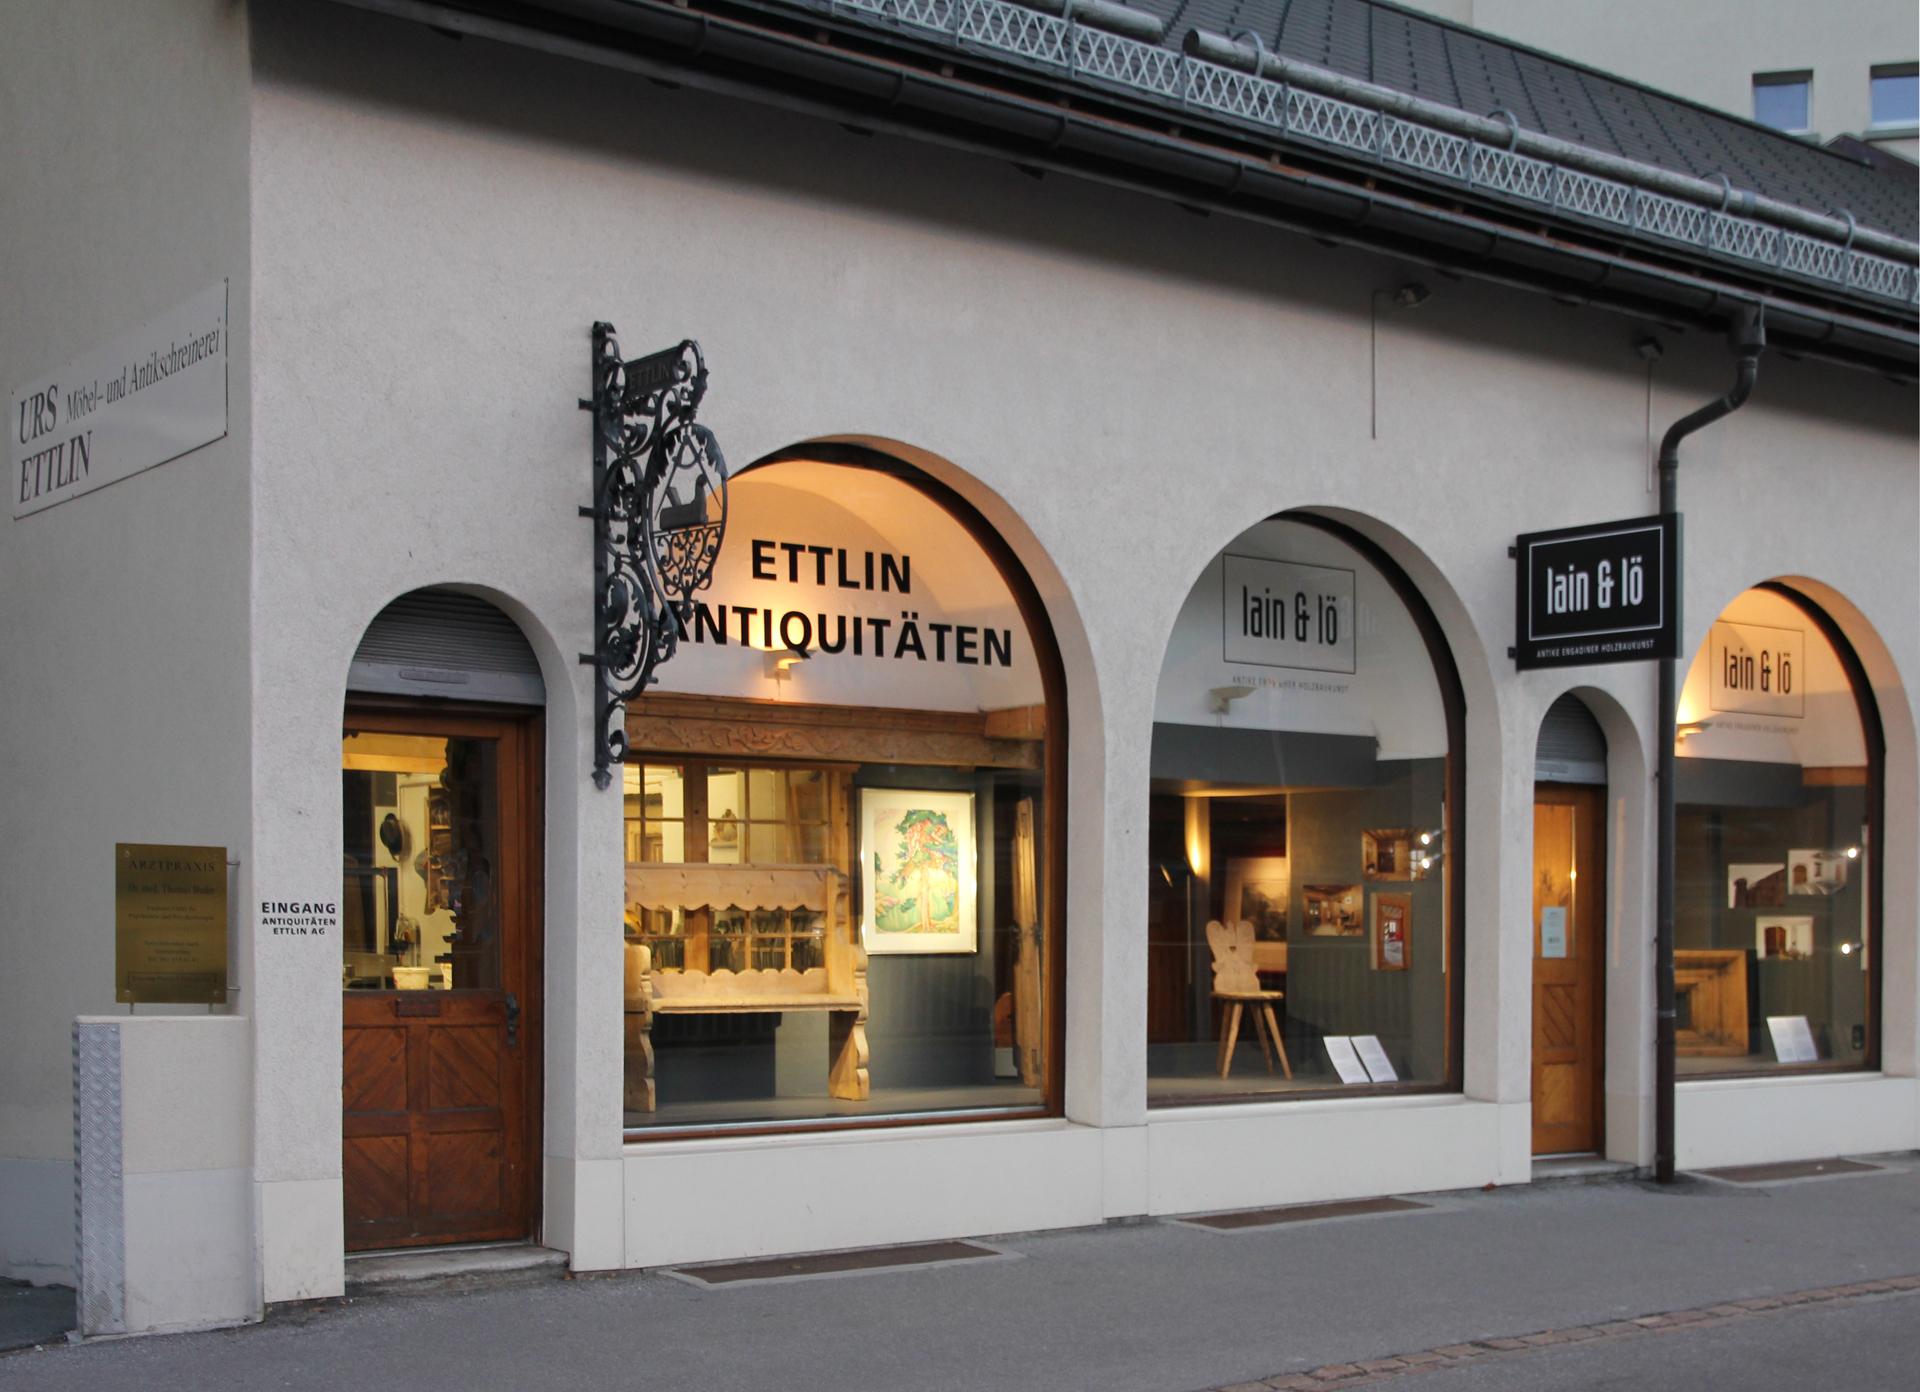 Antiquitäten Ettlin AG Slide 1